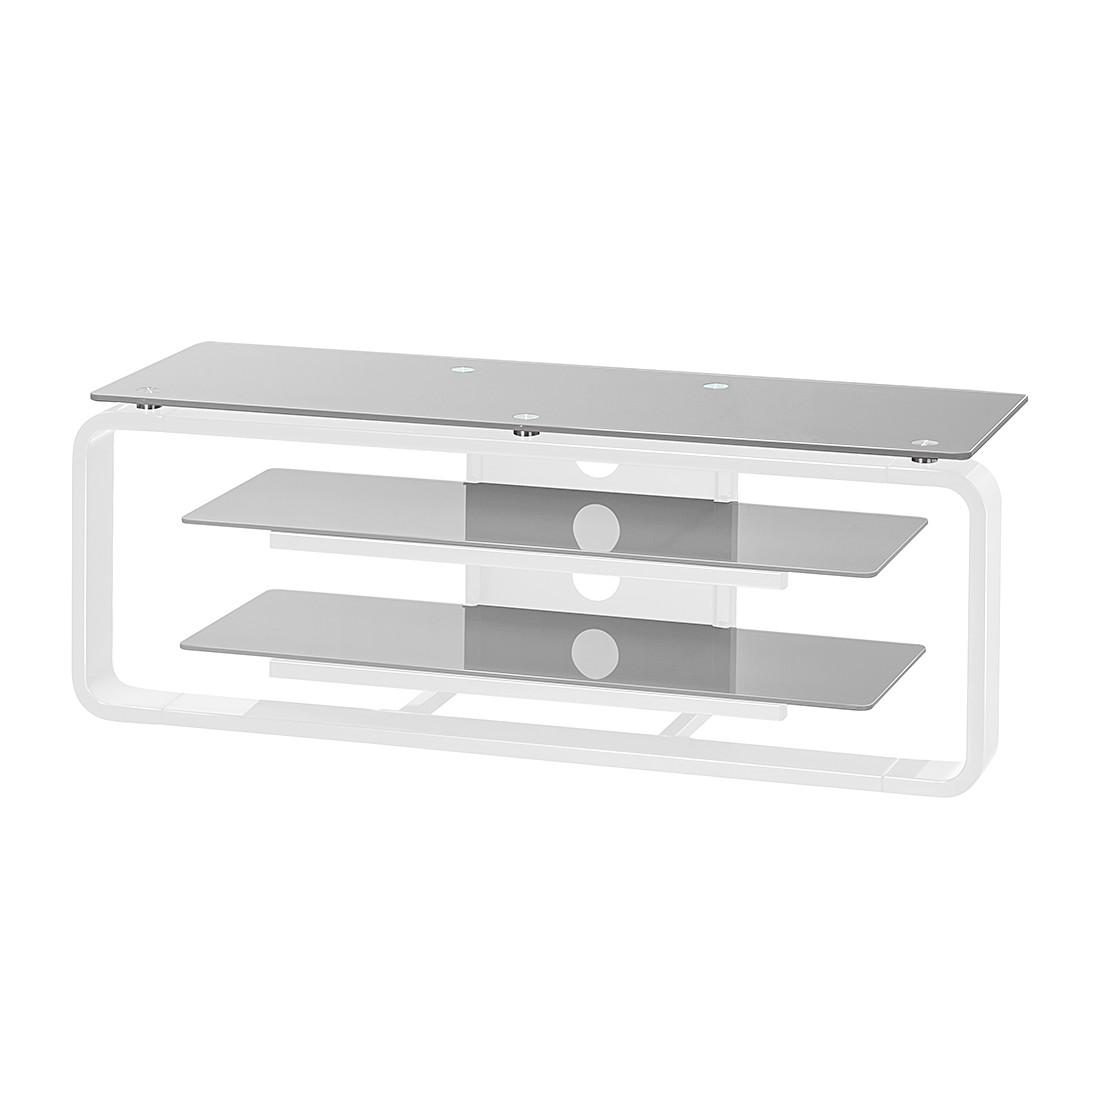 Mobiletto TV Jared I - Bianco / Vetro grigio platino - 110 cm, Maja Möbel